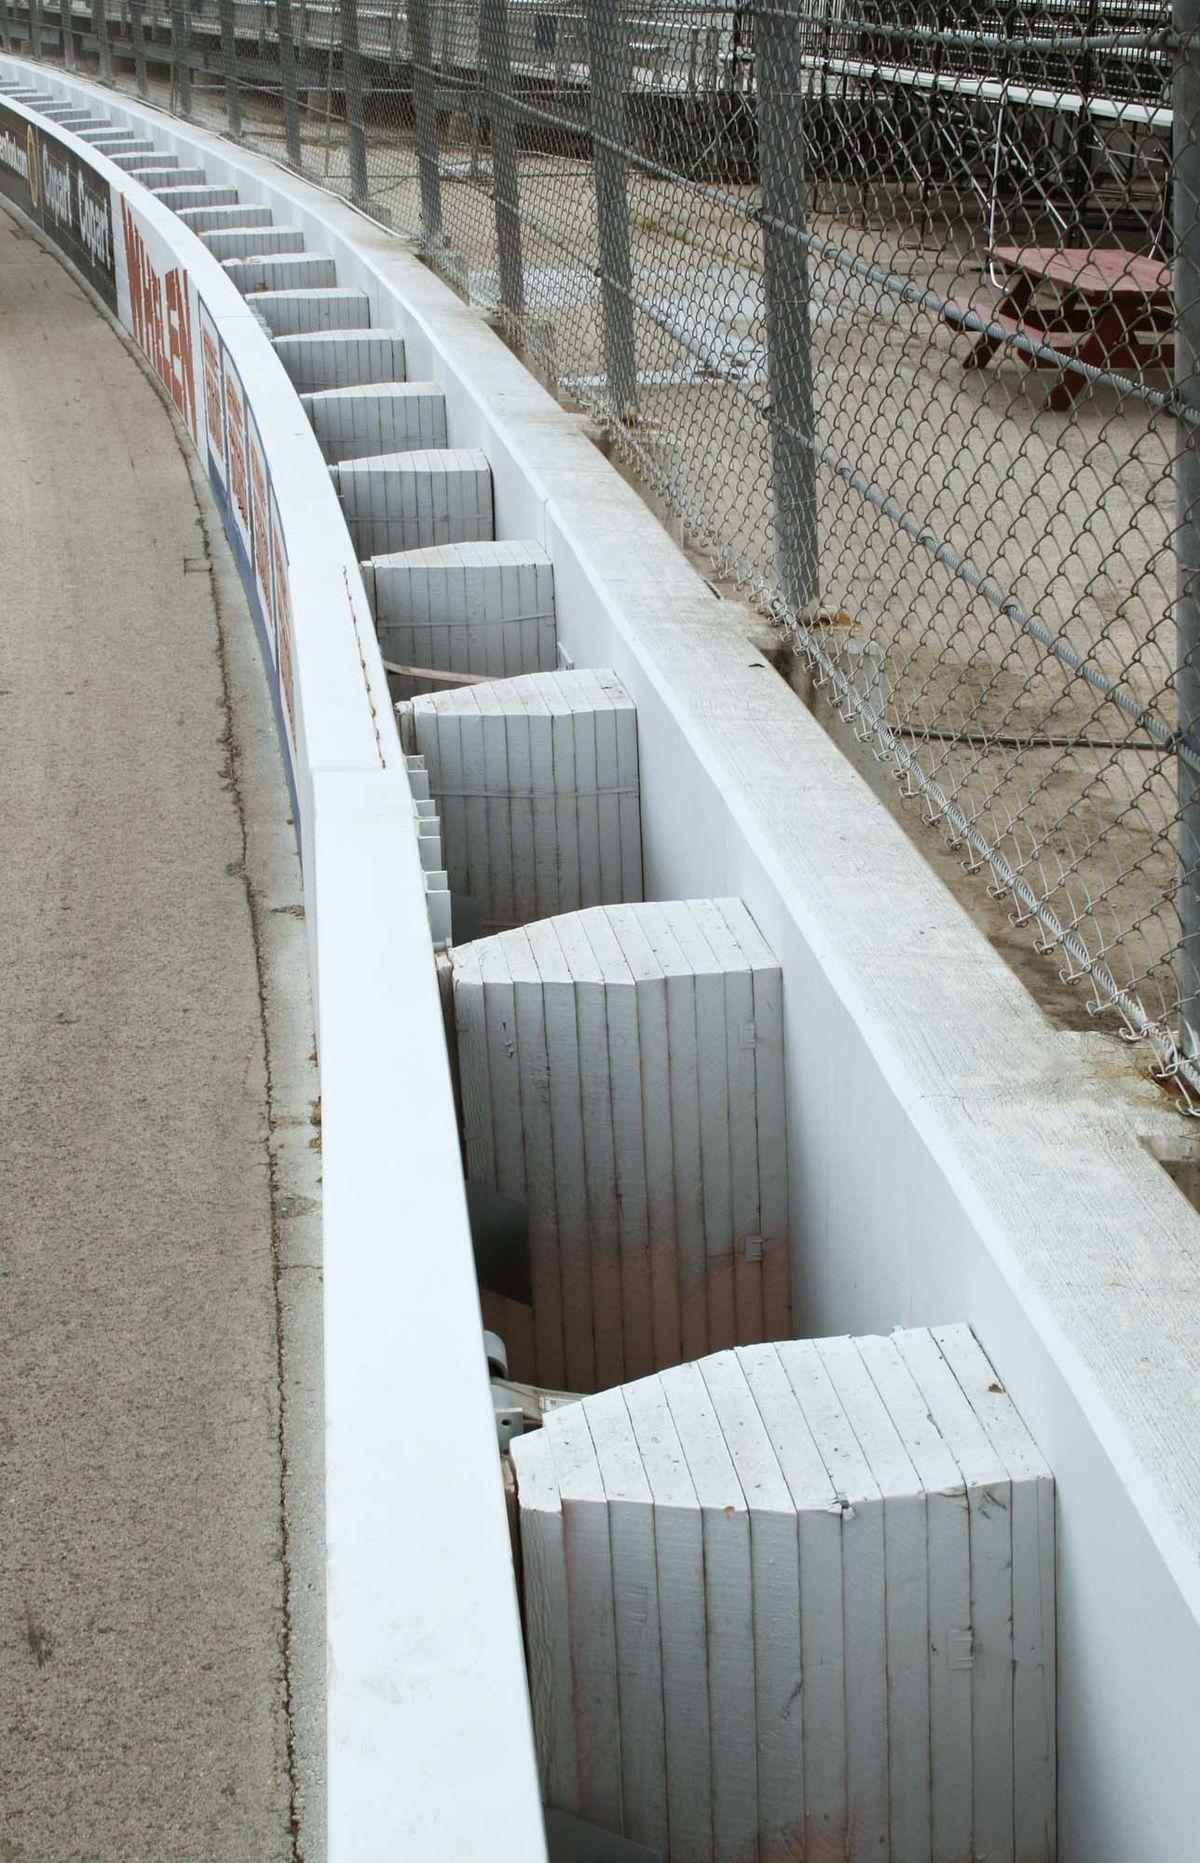 barriere pvc pour muret